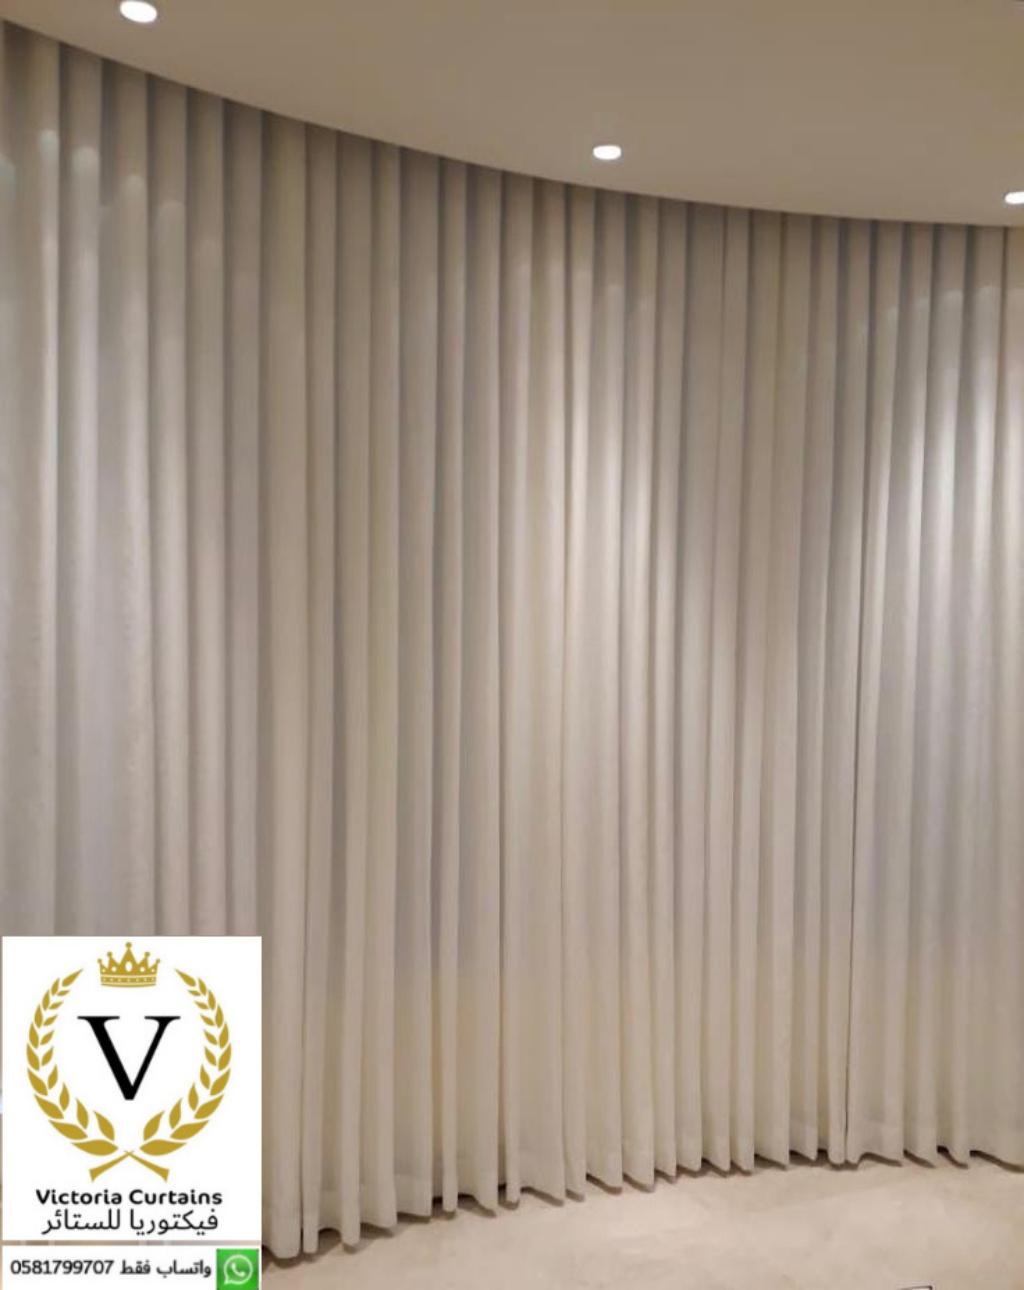 . فيكتوريا لبيع الستائر بالرياض واتس 0581799707 افخم ديكورات تفصيل ستائر في الرياض  P_1698sl12g7